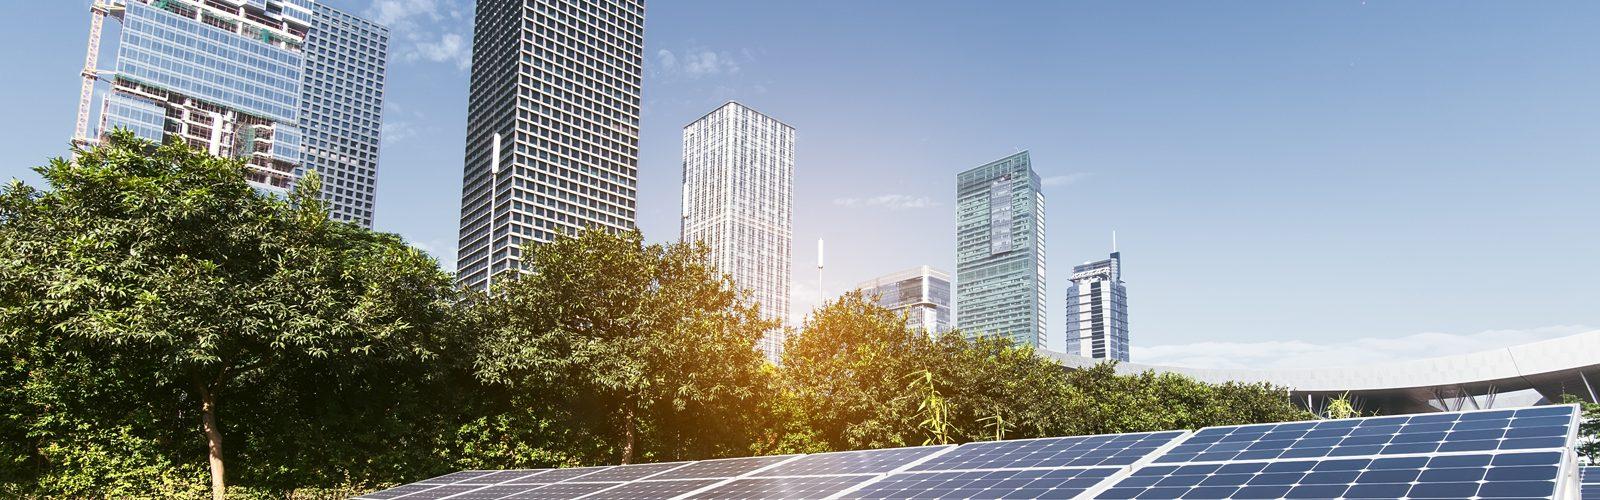 20200226-energiewende-blogheader001